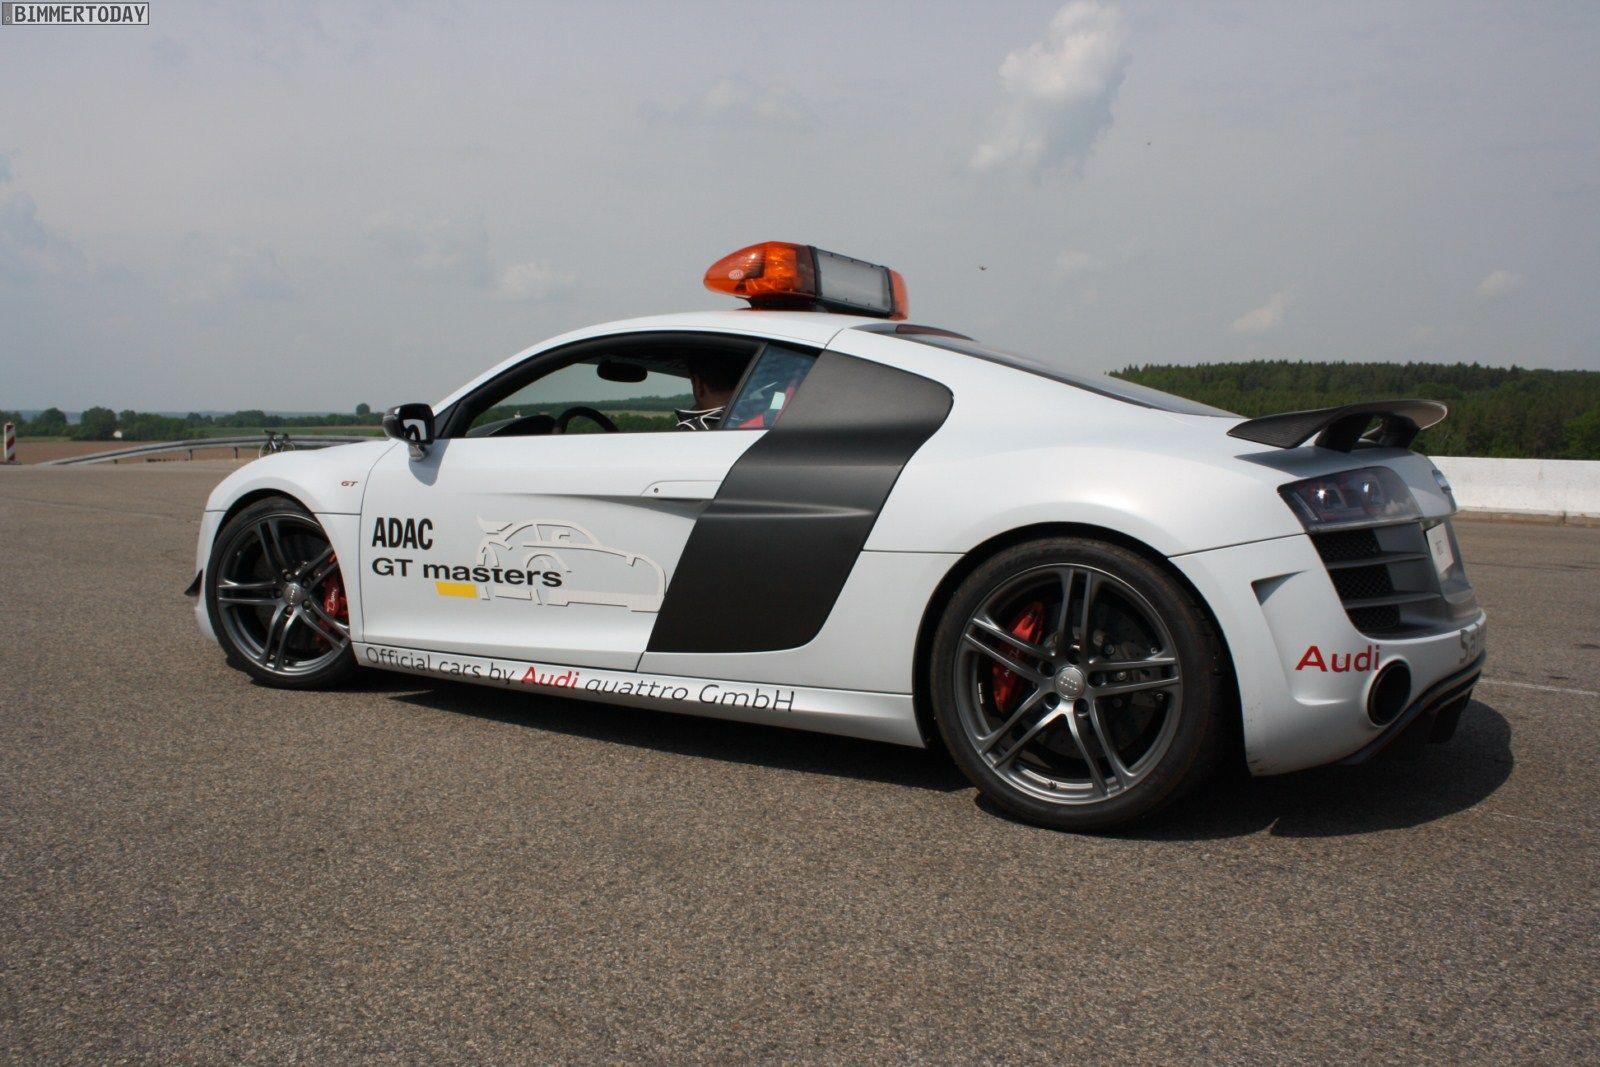 ADAC GT Masters-2011-safety-car Audi R8